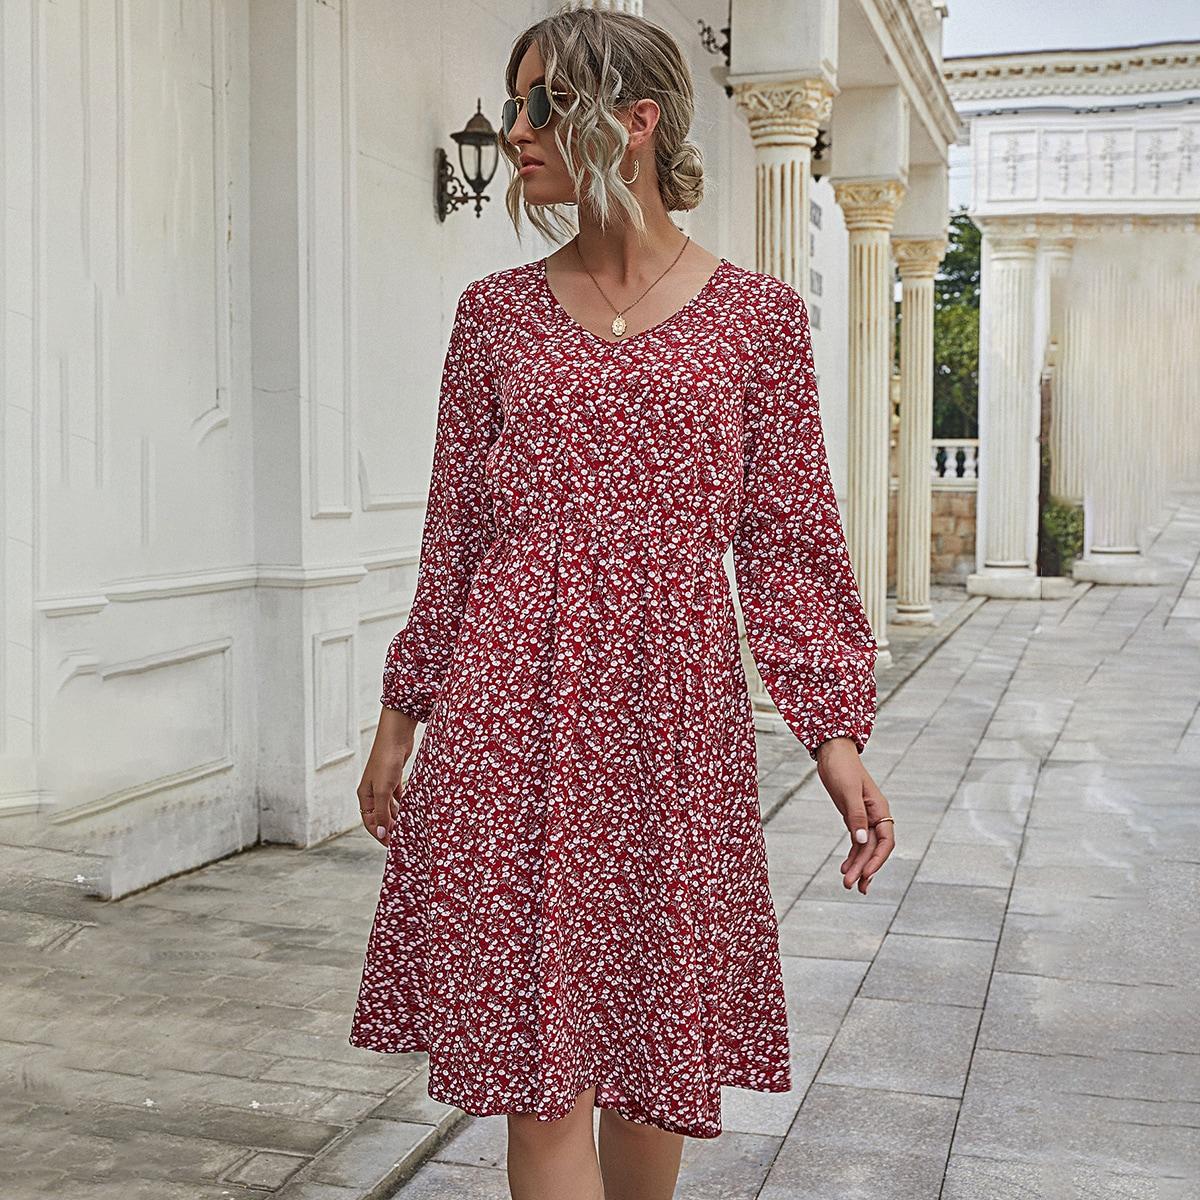 Платье с высокой талией, цветочным принтом и v-образным воротником